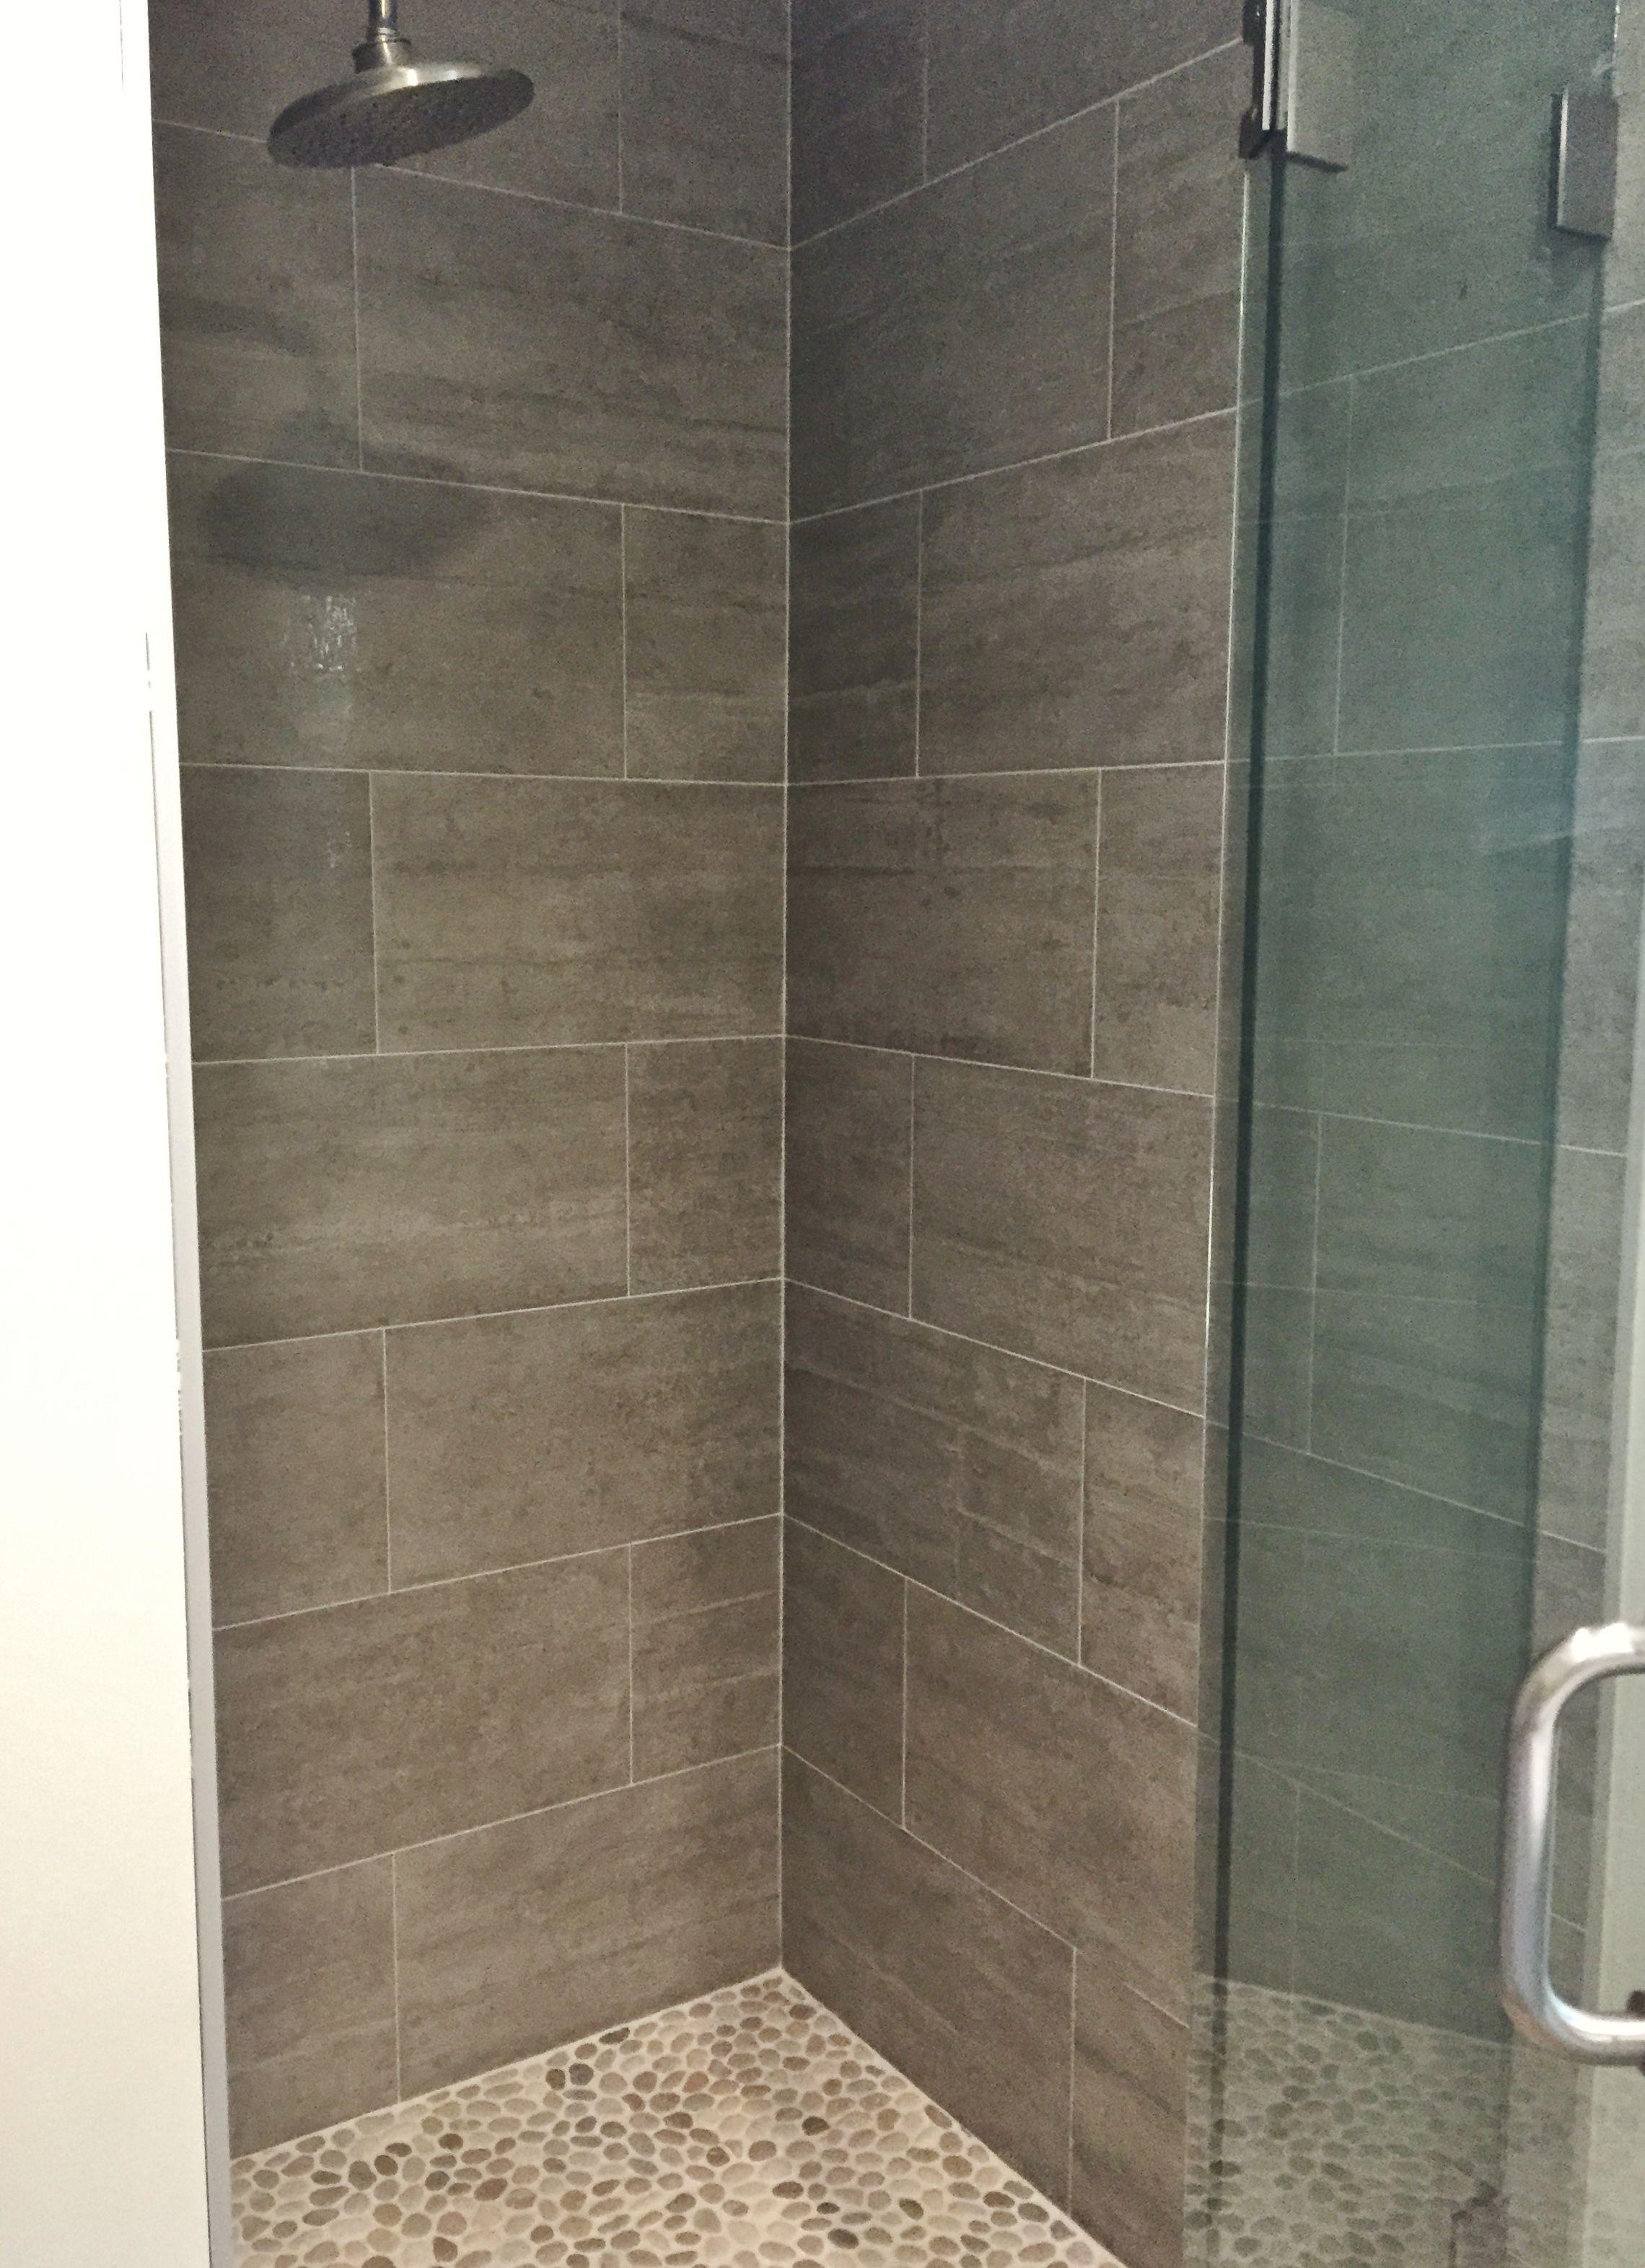 Master Shower 12x24 Porcelain Tile On Walls Pebbles On